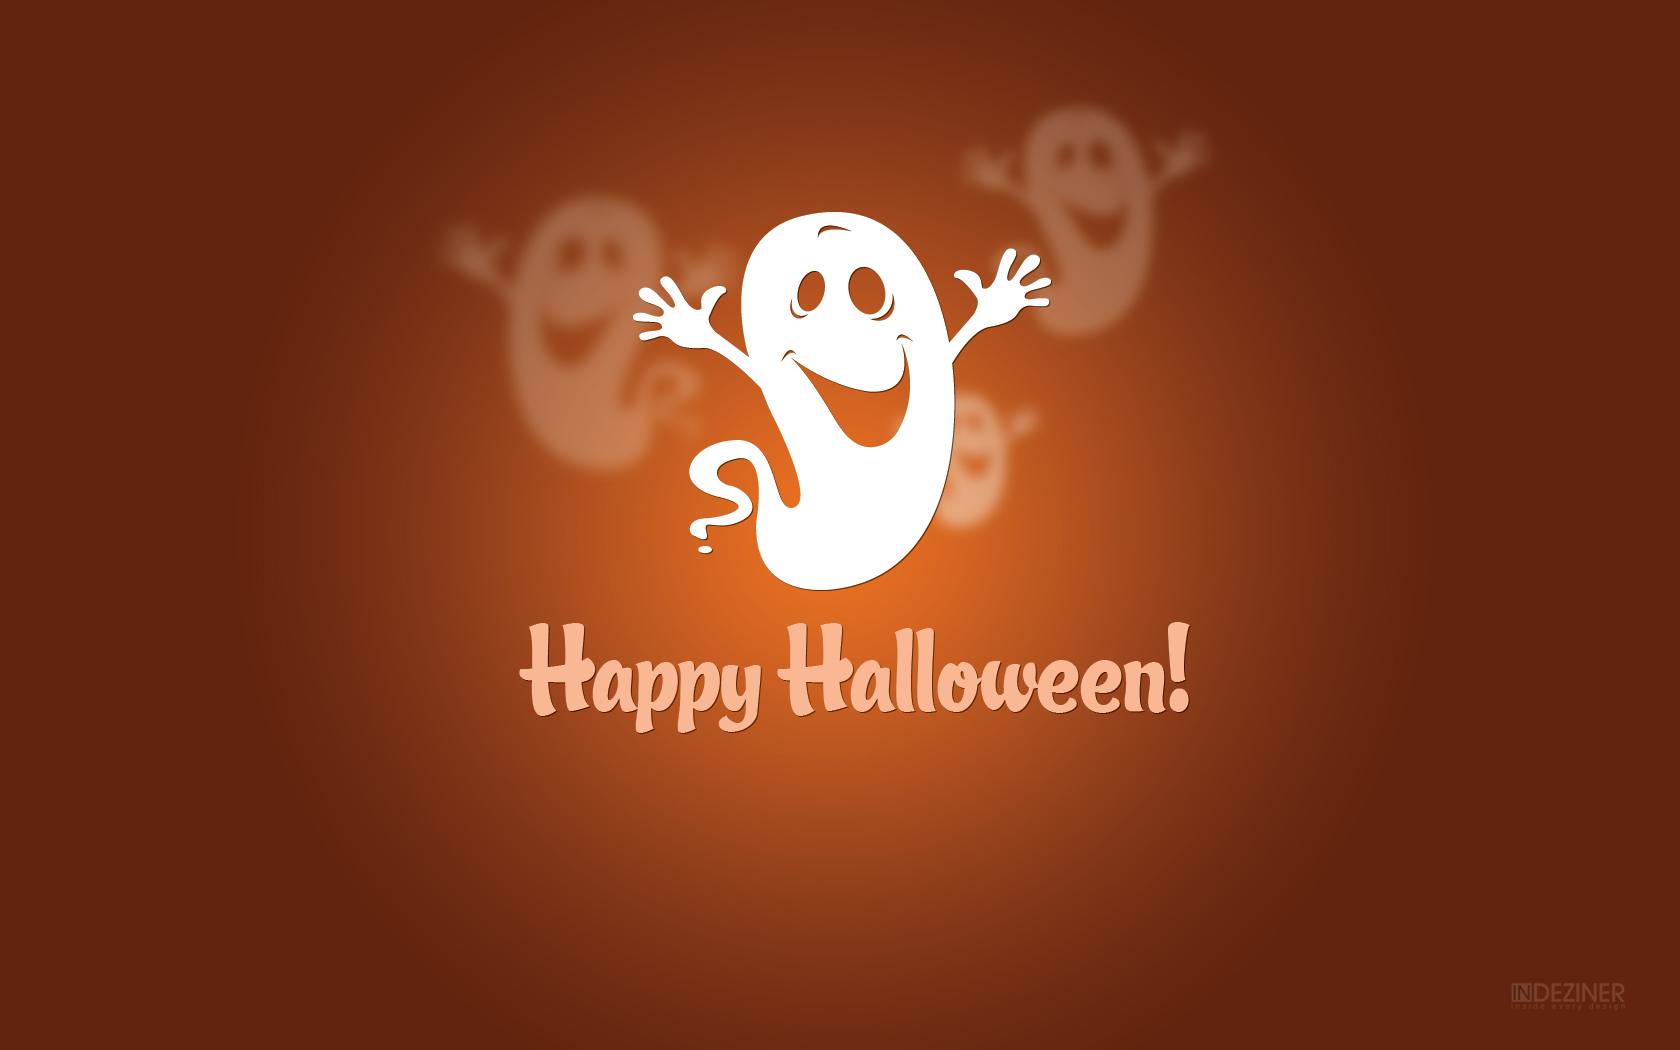 halloween wallpapers pack 1 indeziner indeziner